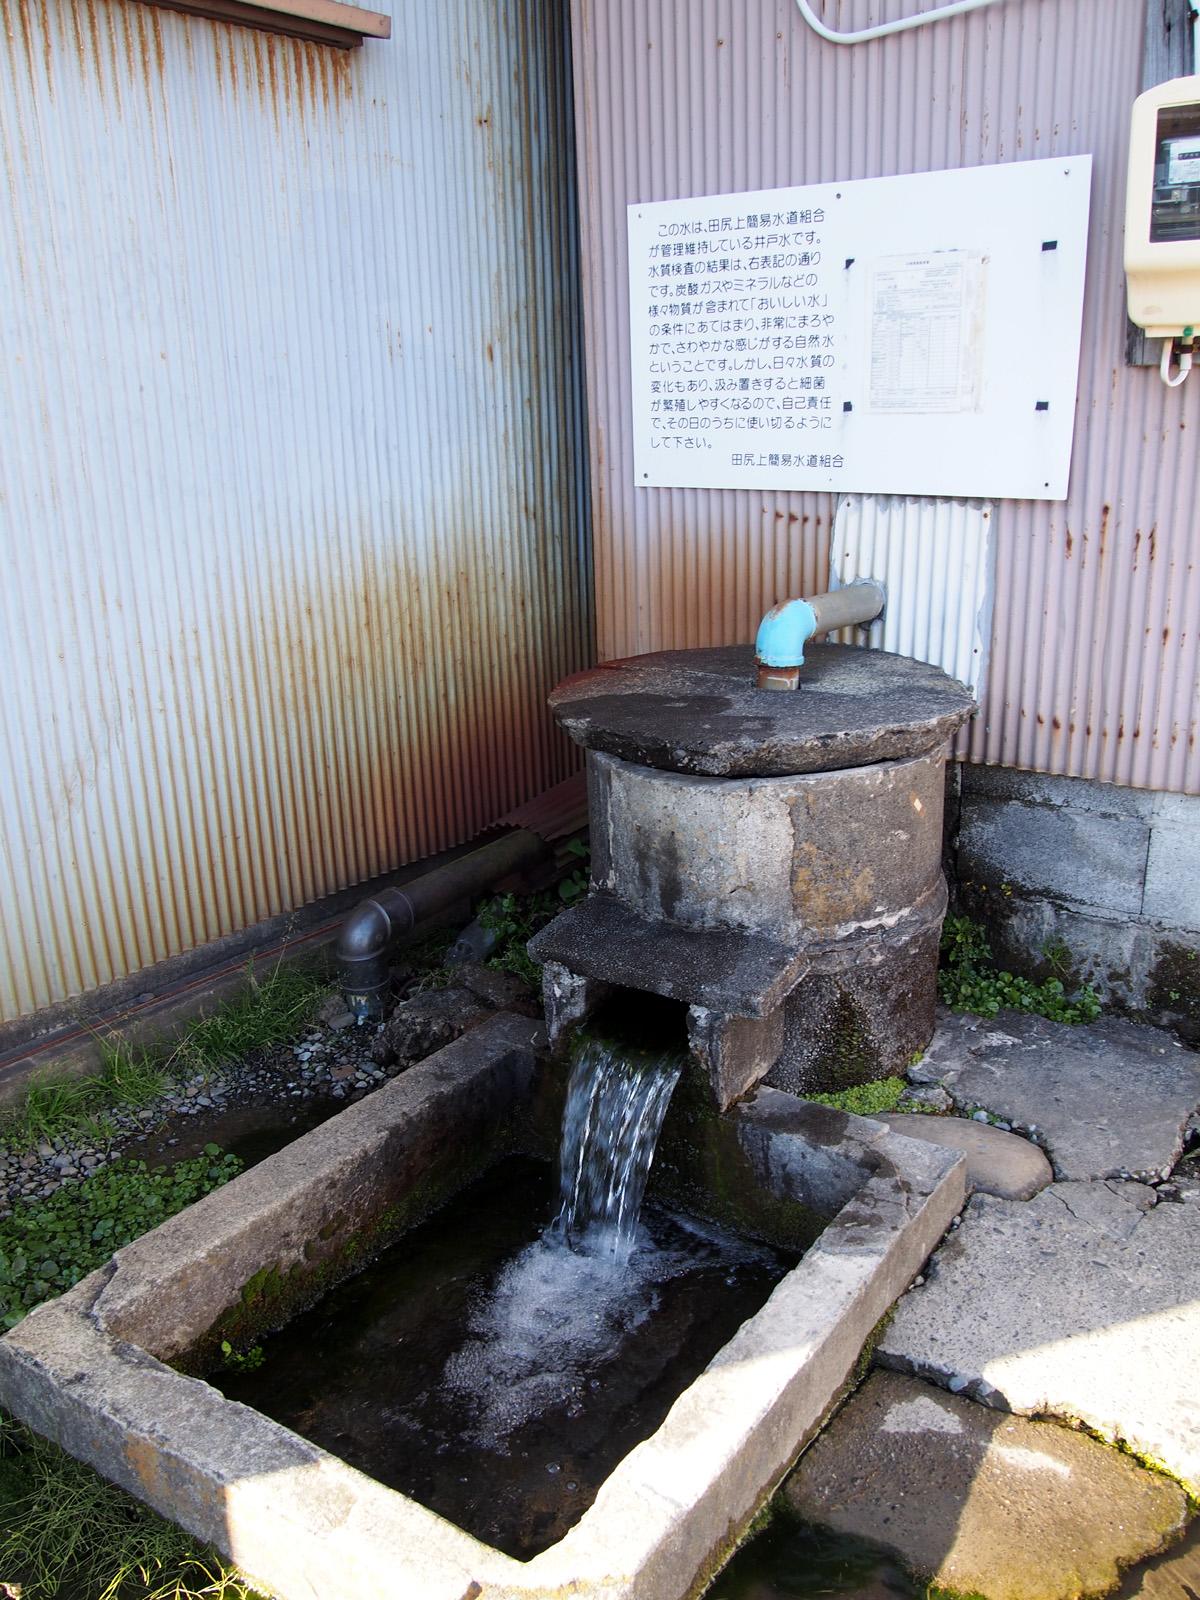 田尻上簡易水道組合の井戸水